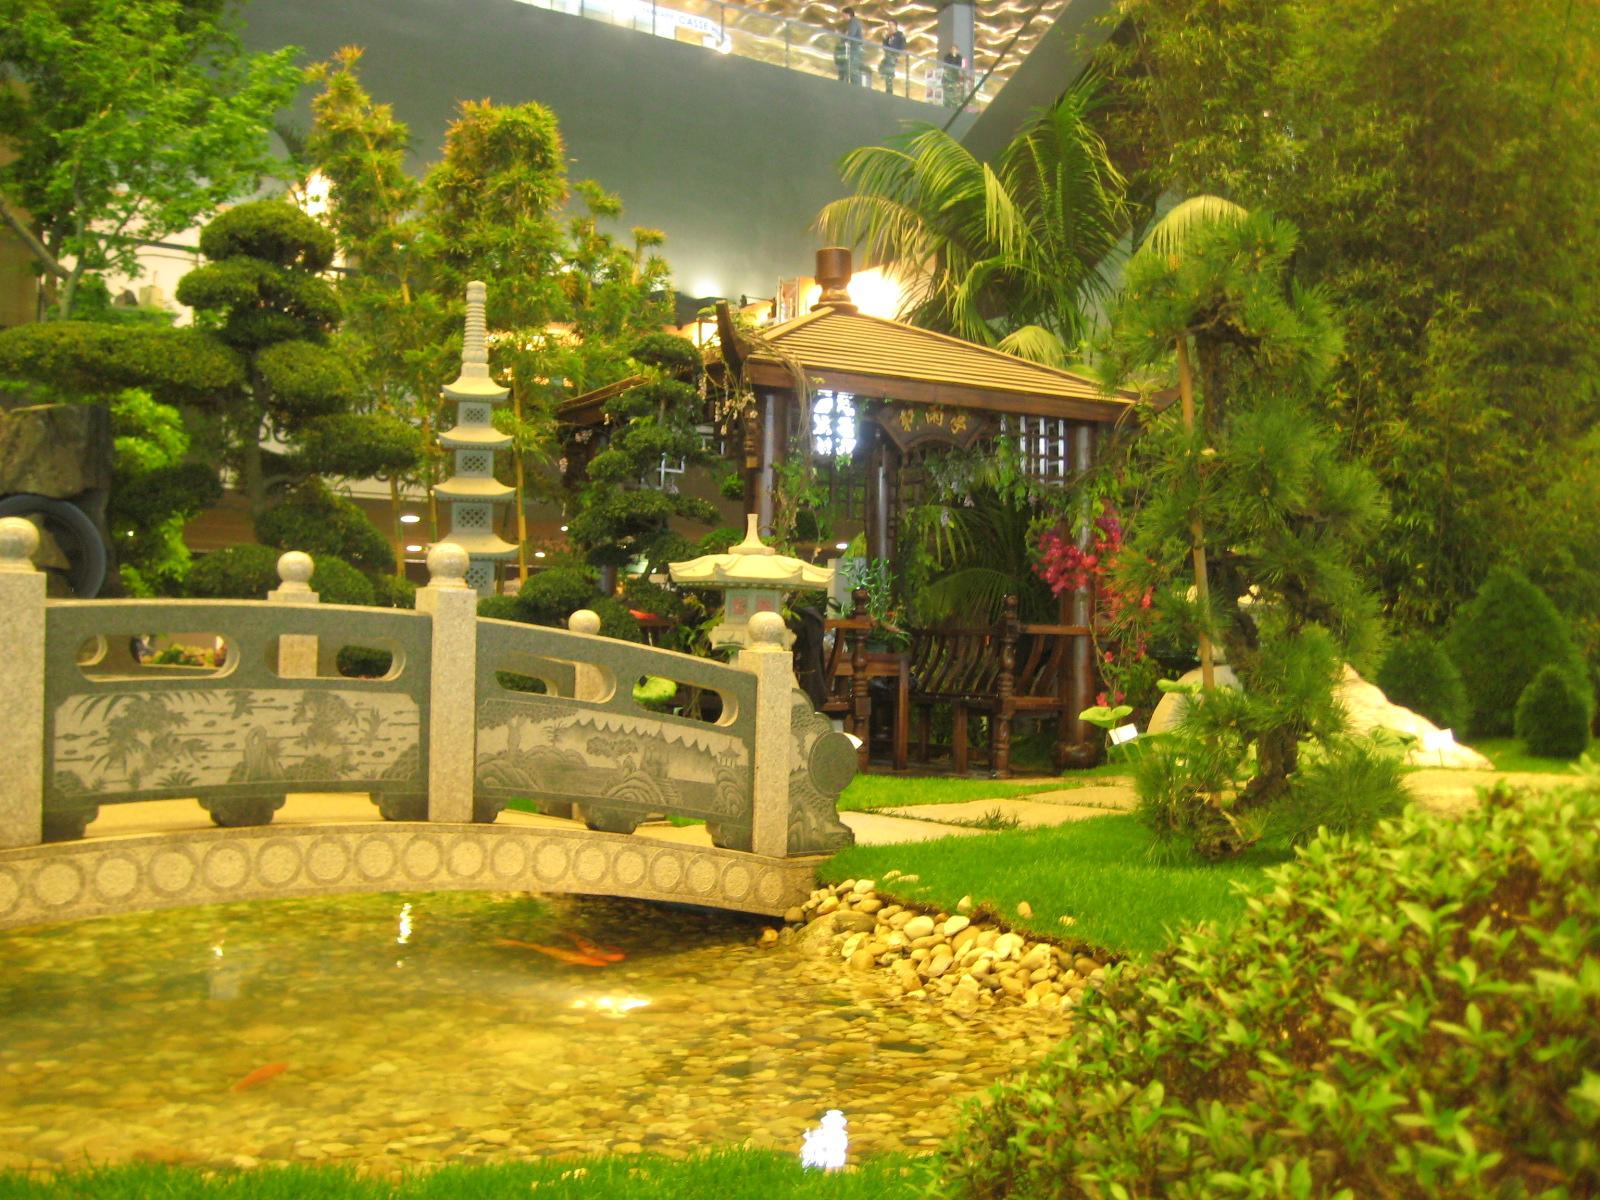 Giardino giapponese il mio te blog - Porcellato vivai ...